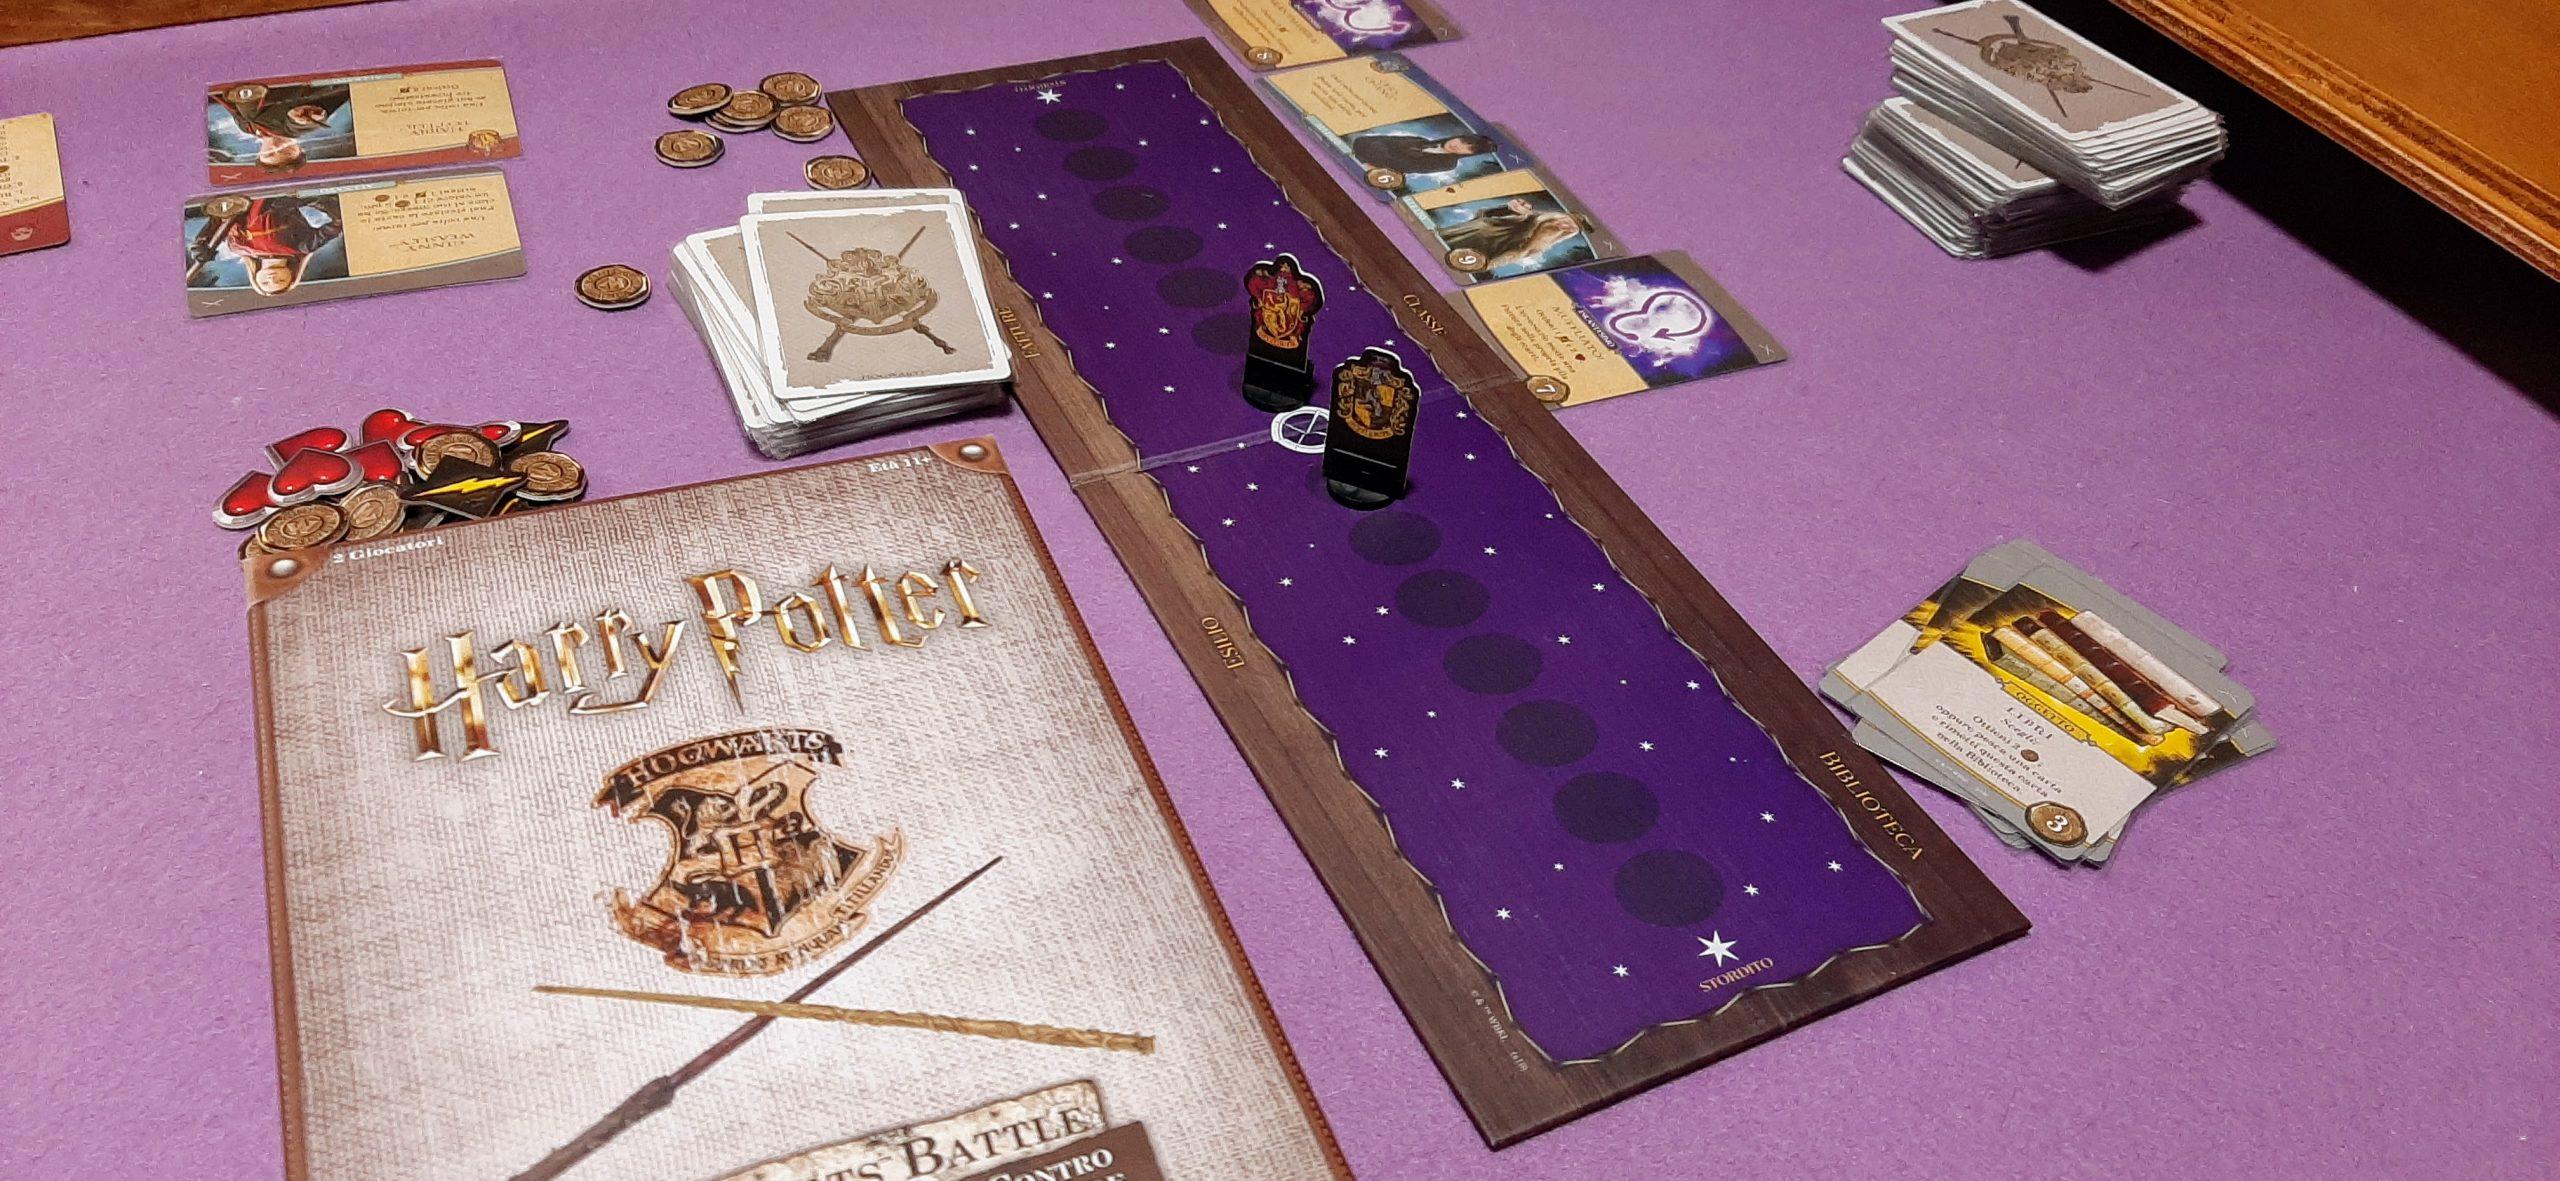 Harry Potter Hogwarts Battle: difesa contro le arti oscure